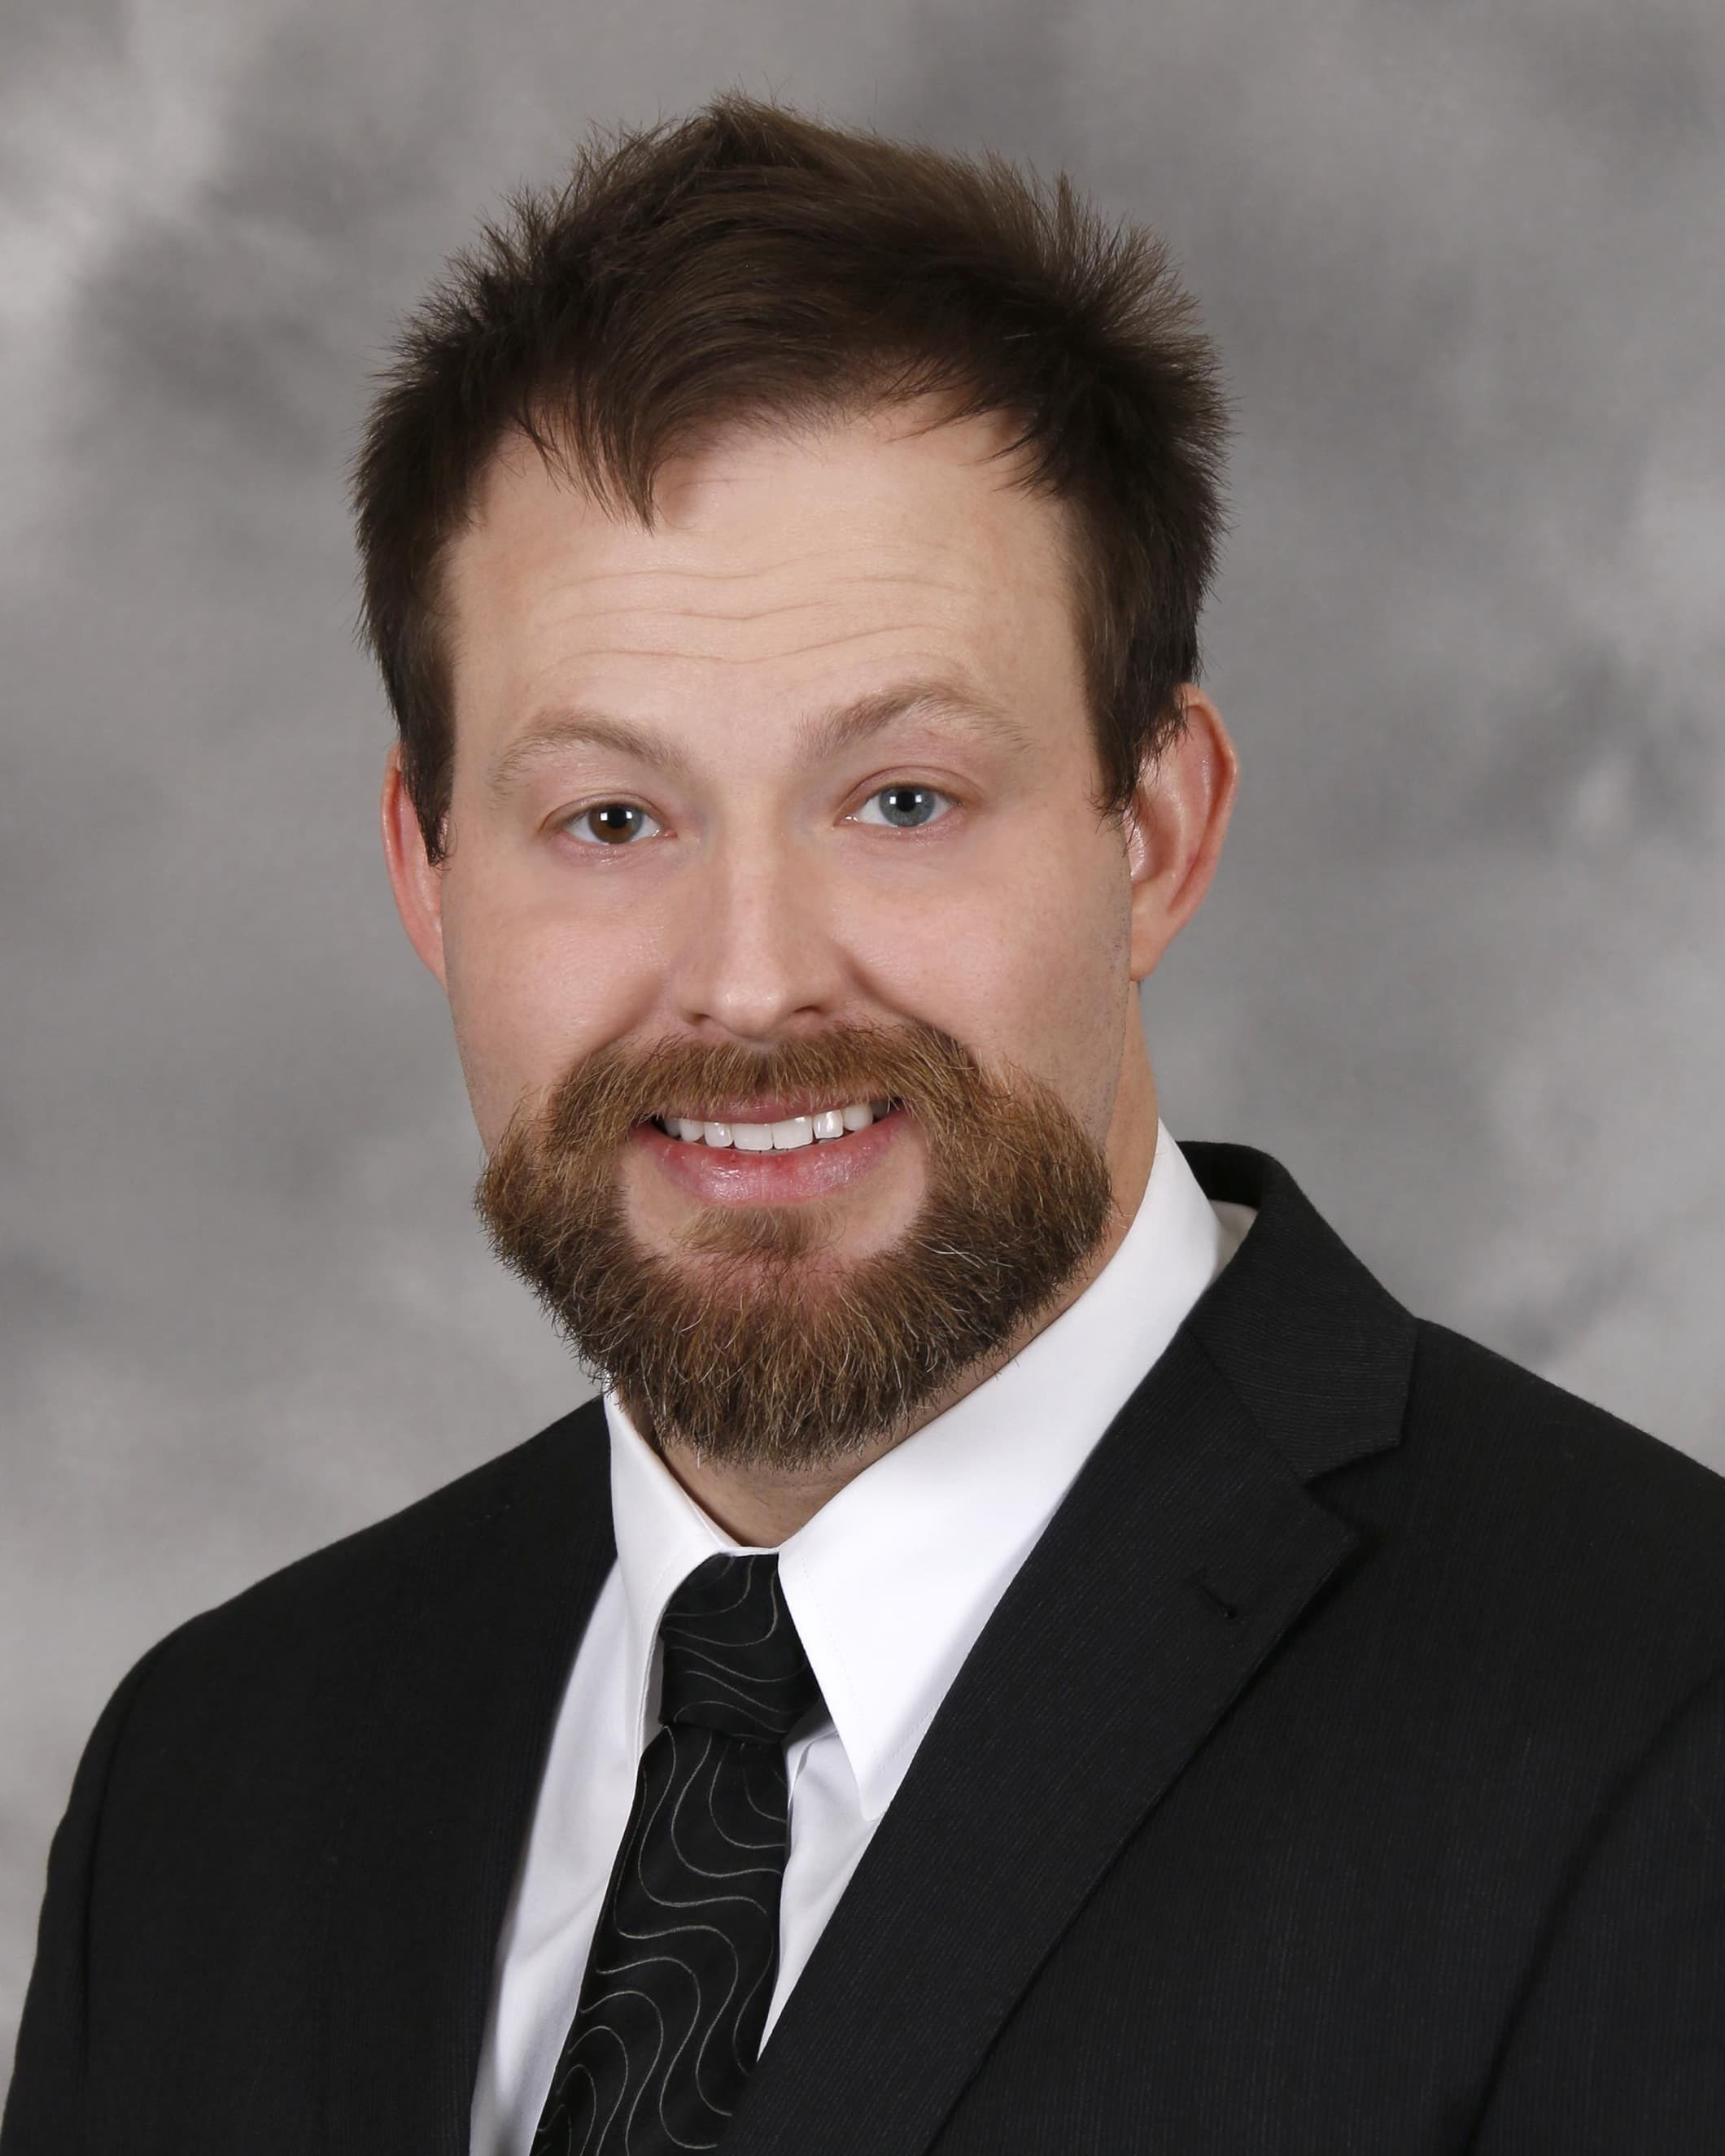 Conan V Chittick, MD, CAQSM